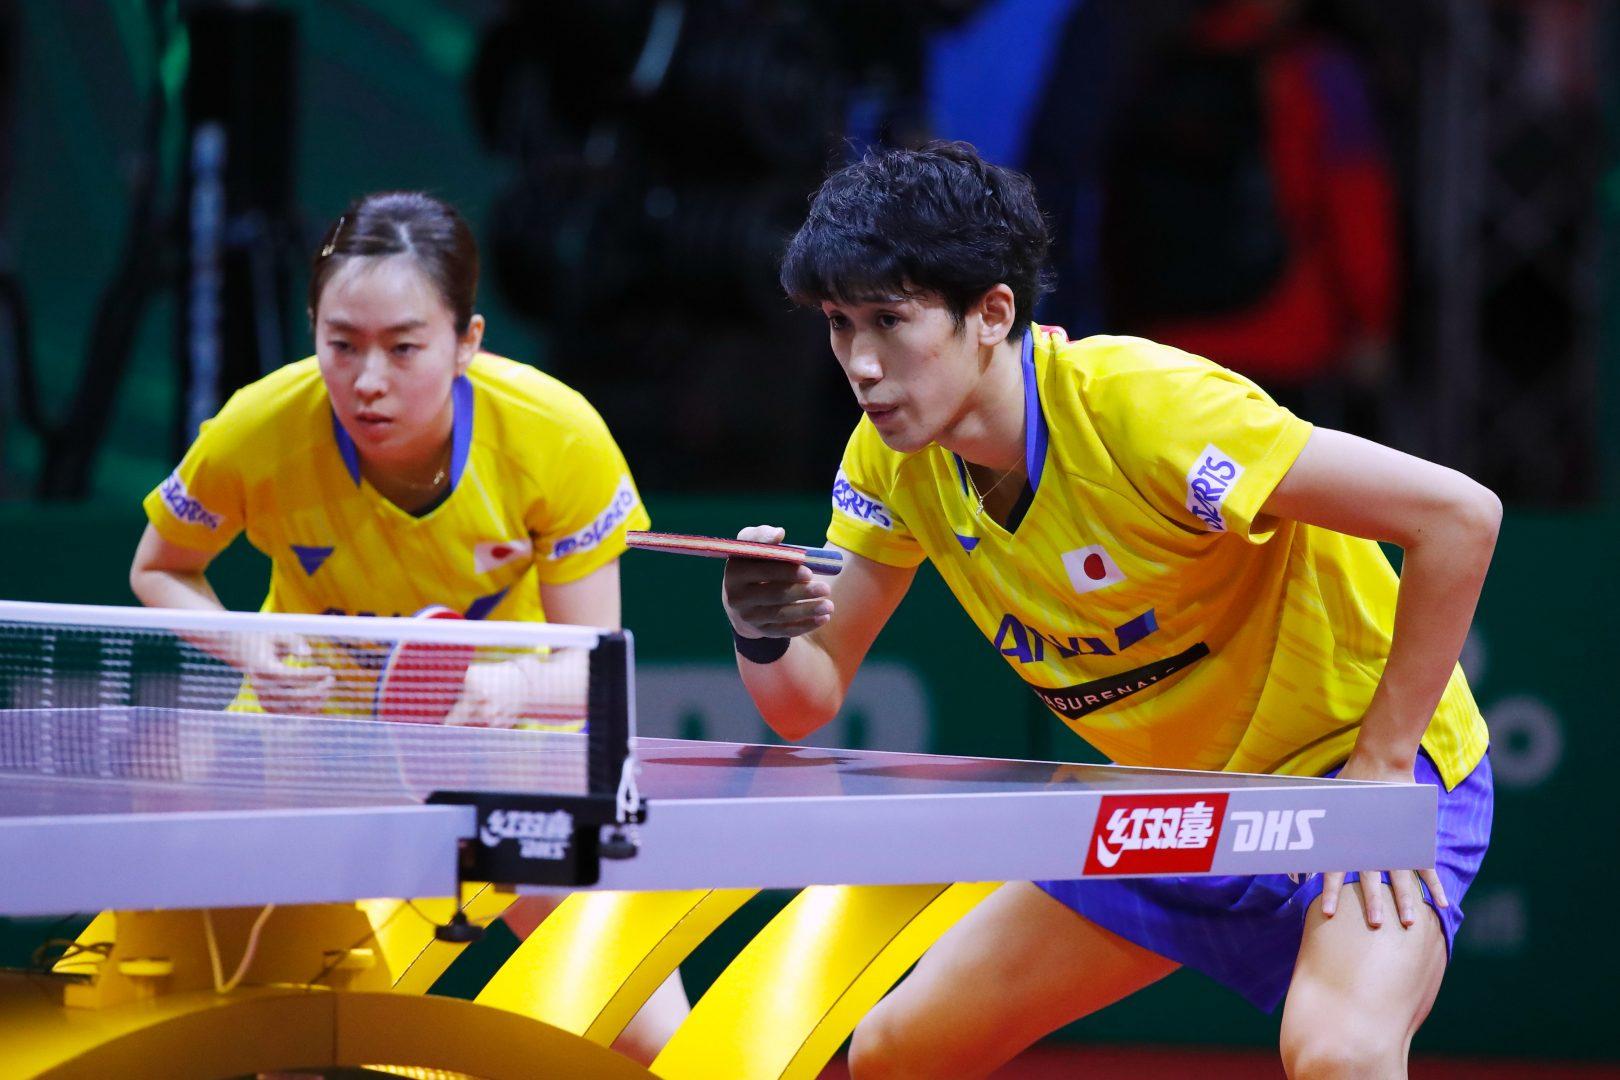 【卓球】前回王者の吉村/石川組、地元ペアを下し準々決勝へ<世界卓球2019>